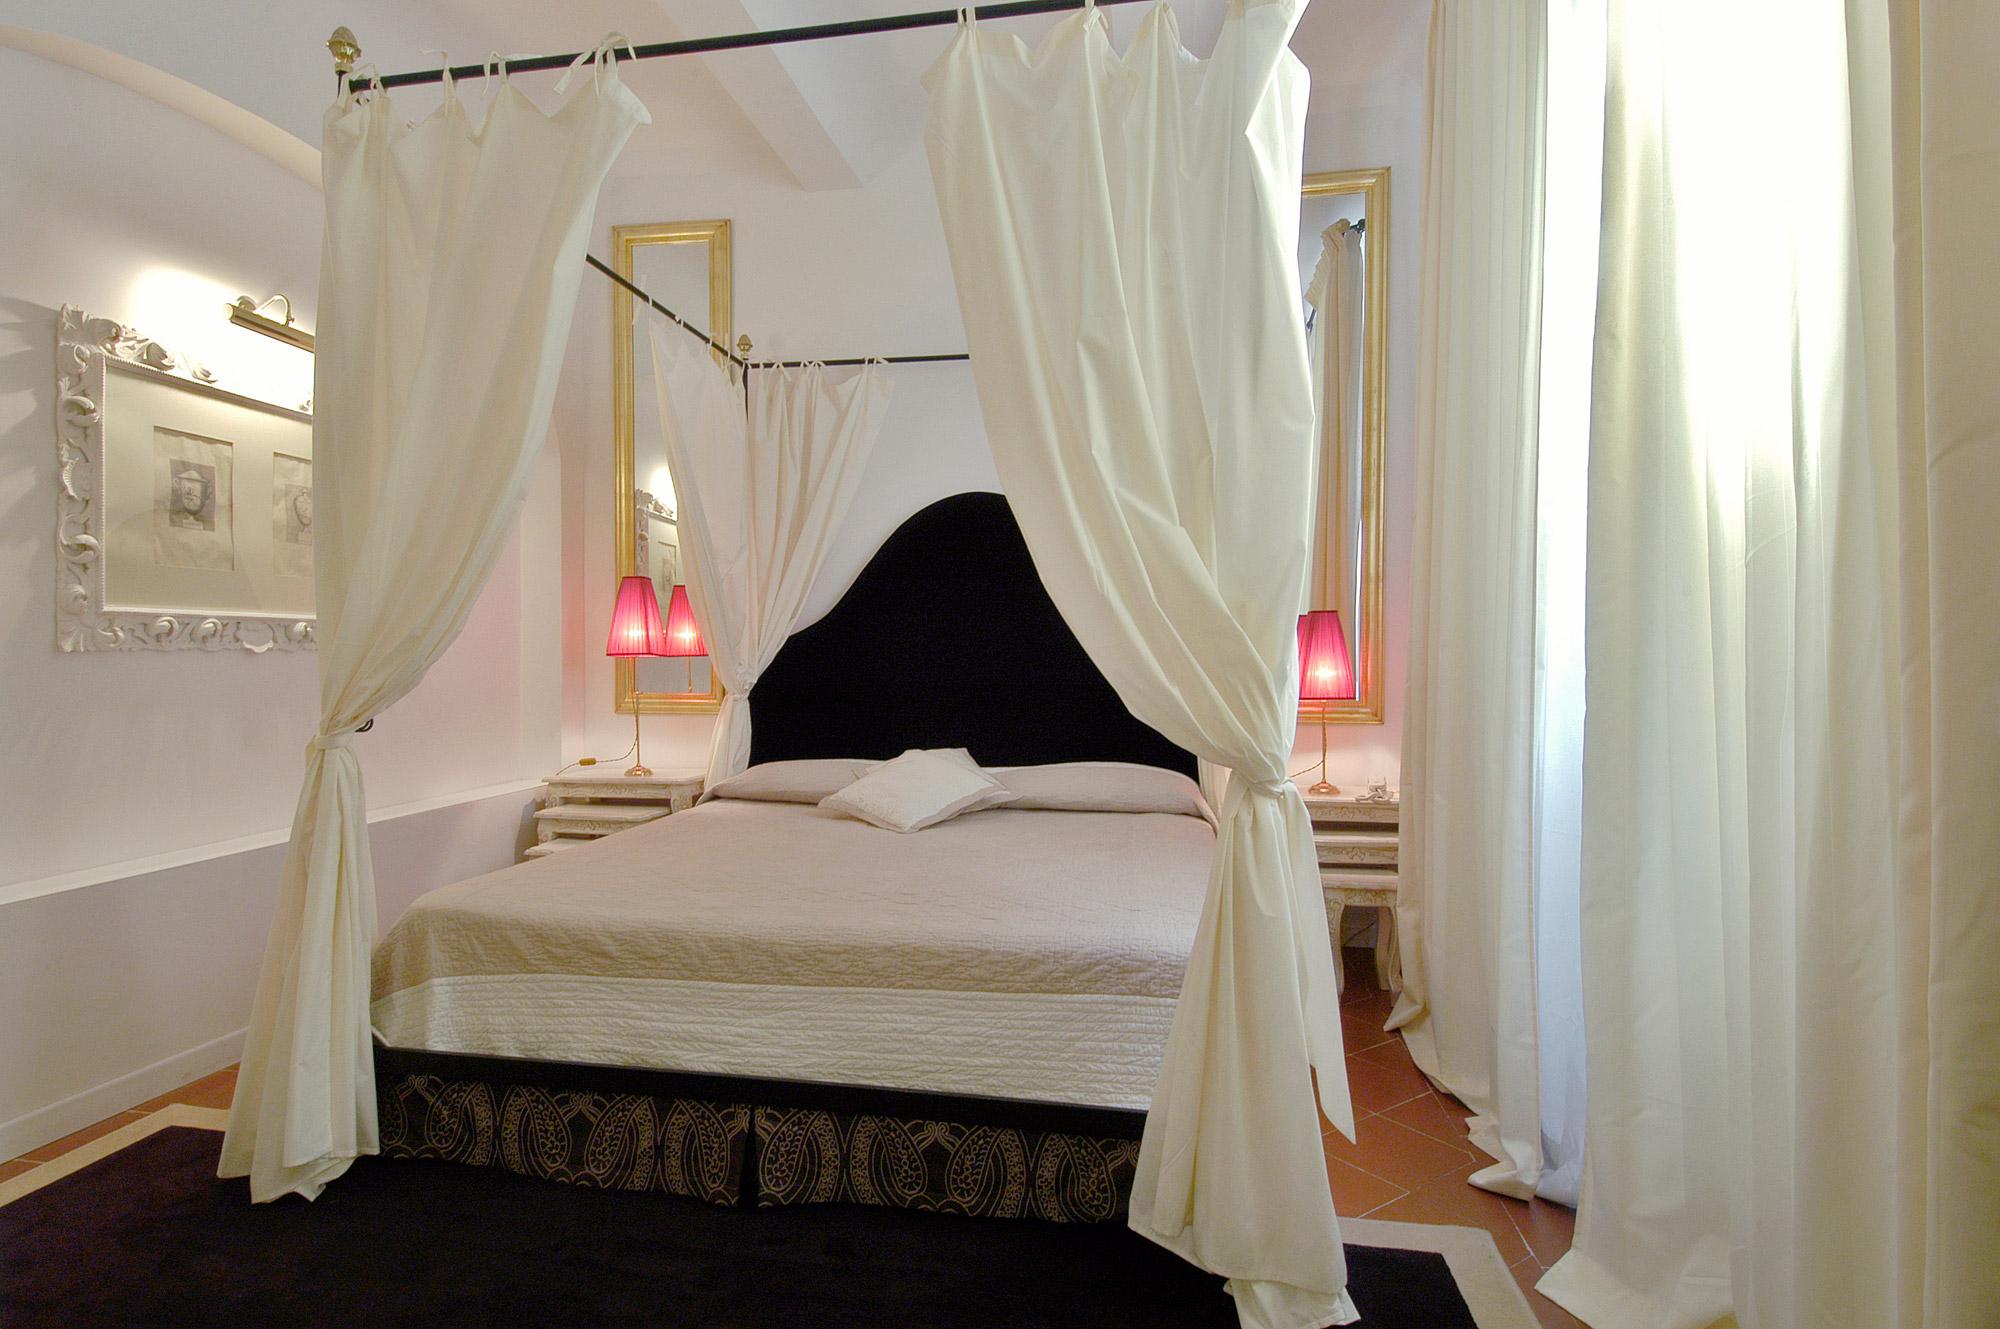 Grand lit avec baldaquins sur les 4 côtés, et tête de lit noire accompagnée de miroirs et lampes de chevets pour une ambiance romantique type Saint Valentin